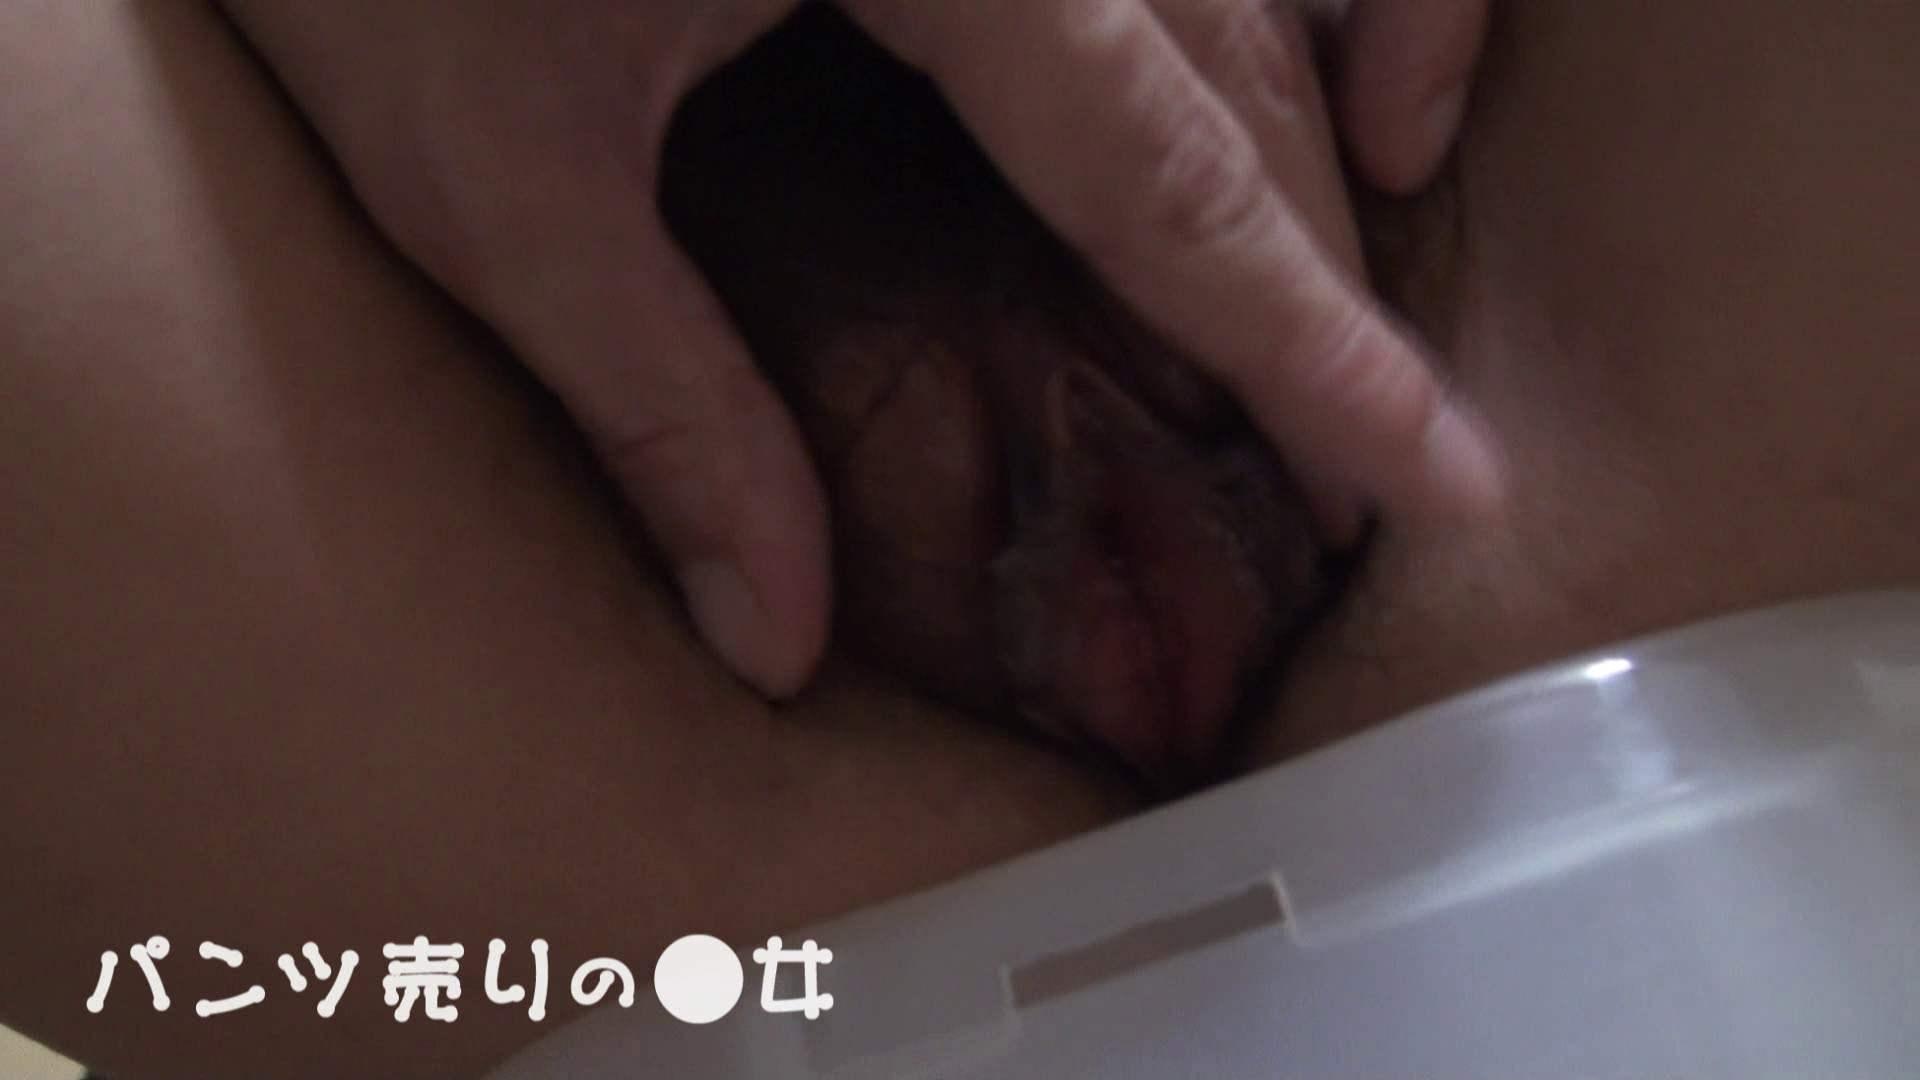 新説 パンツ売りの女の子nana02 覗き 戯れ無修正画像 48連発 14